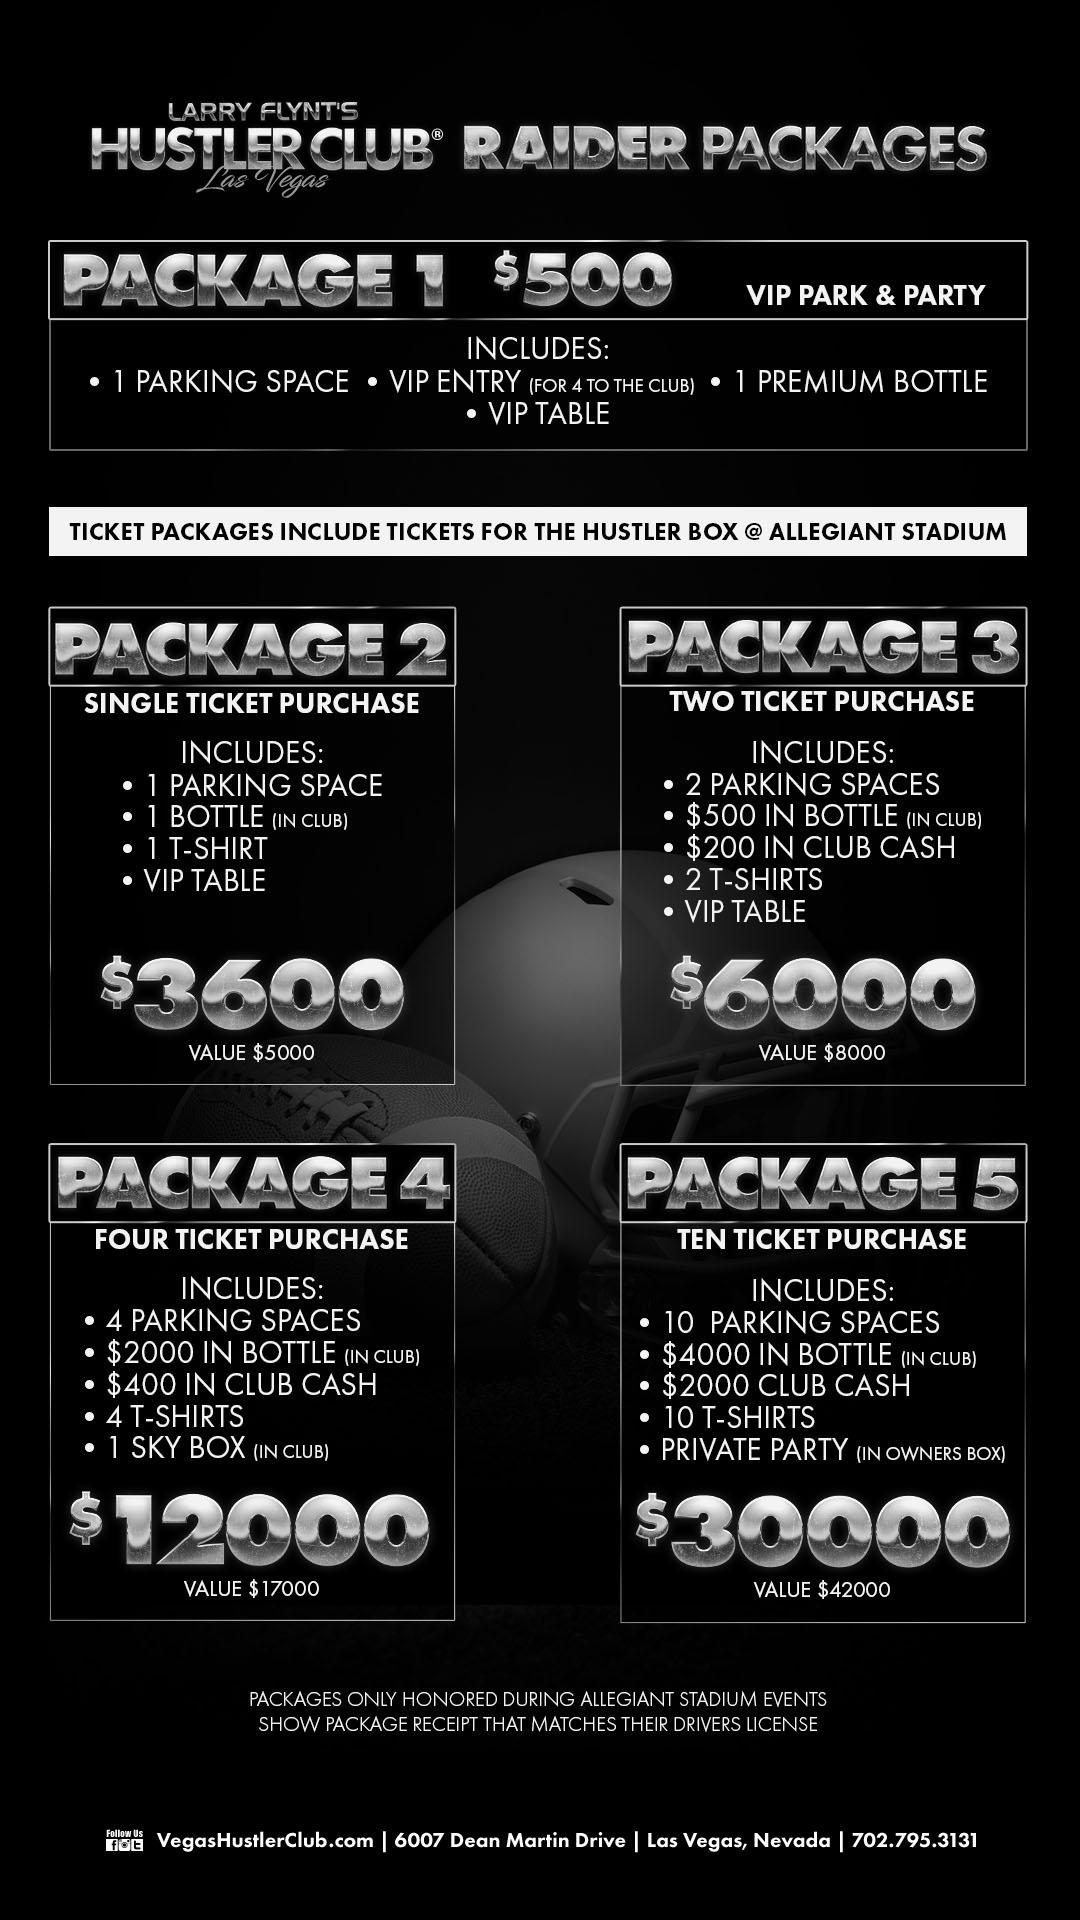 HC_Vegas_Raider_Packages_V2_1080x1920